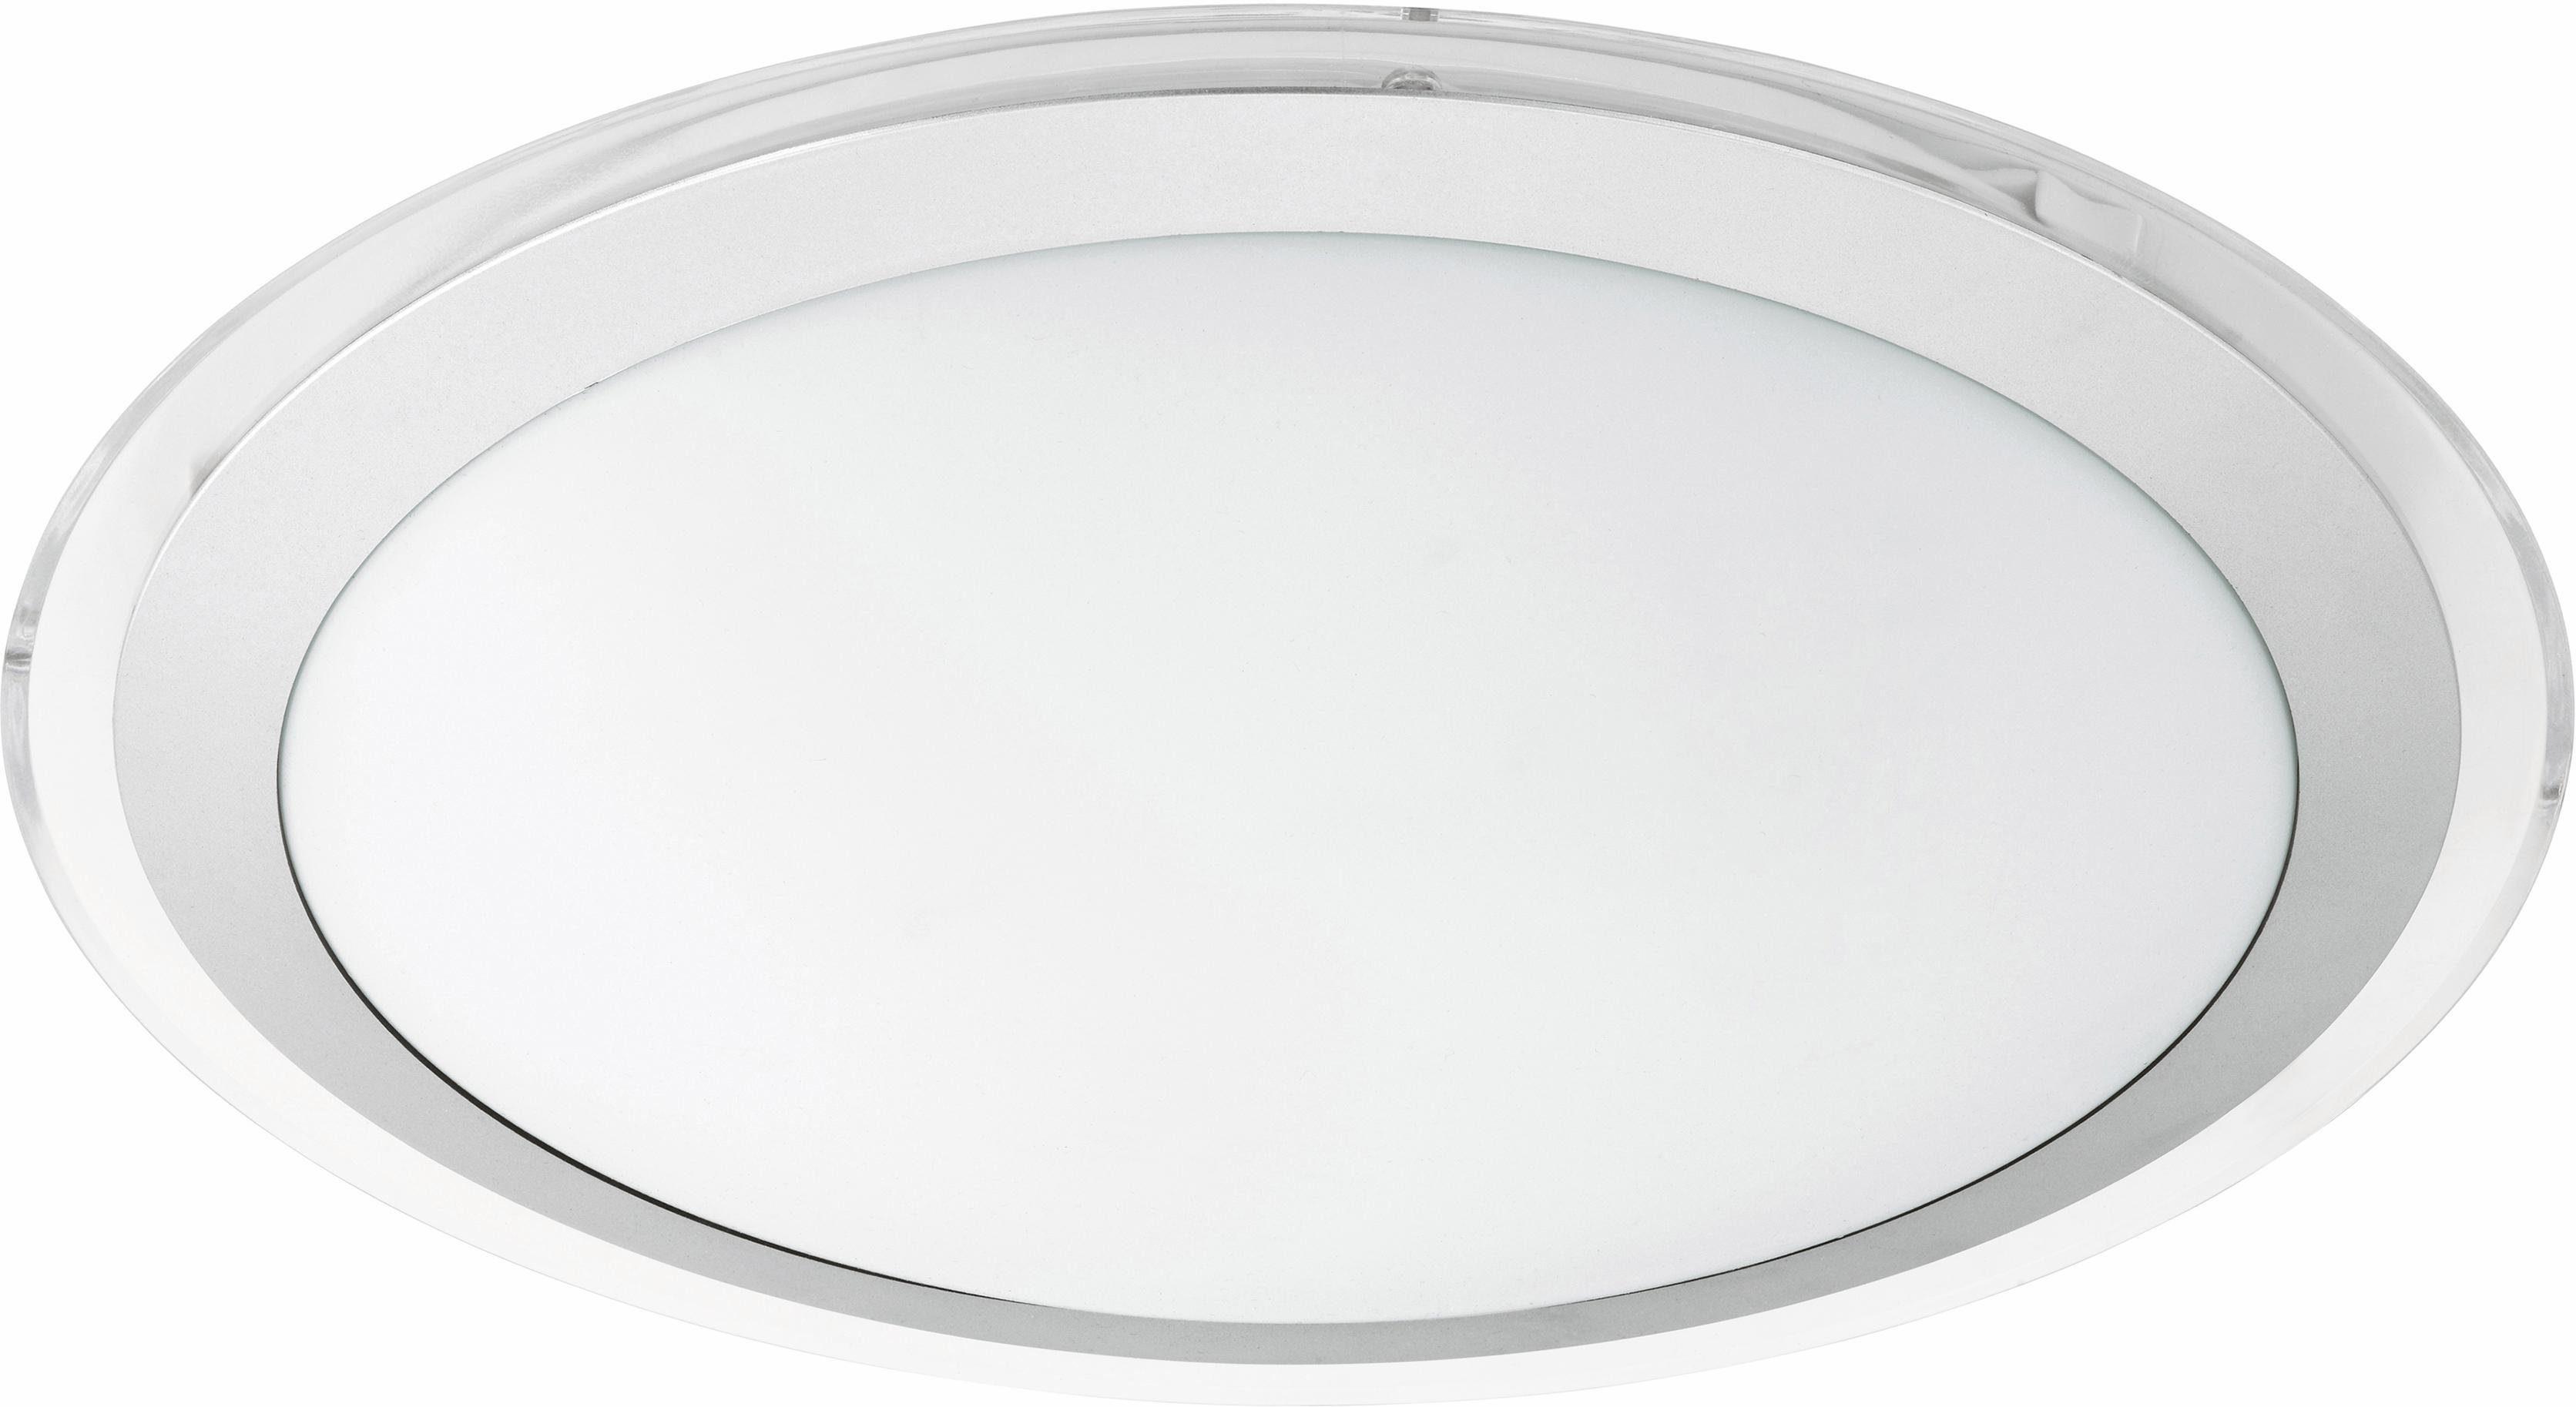 EGLO LED Deckenleuchte »COMPETA-C«, LED-CCT-Lichtsteuerung